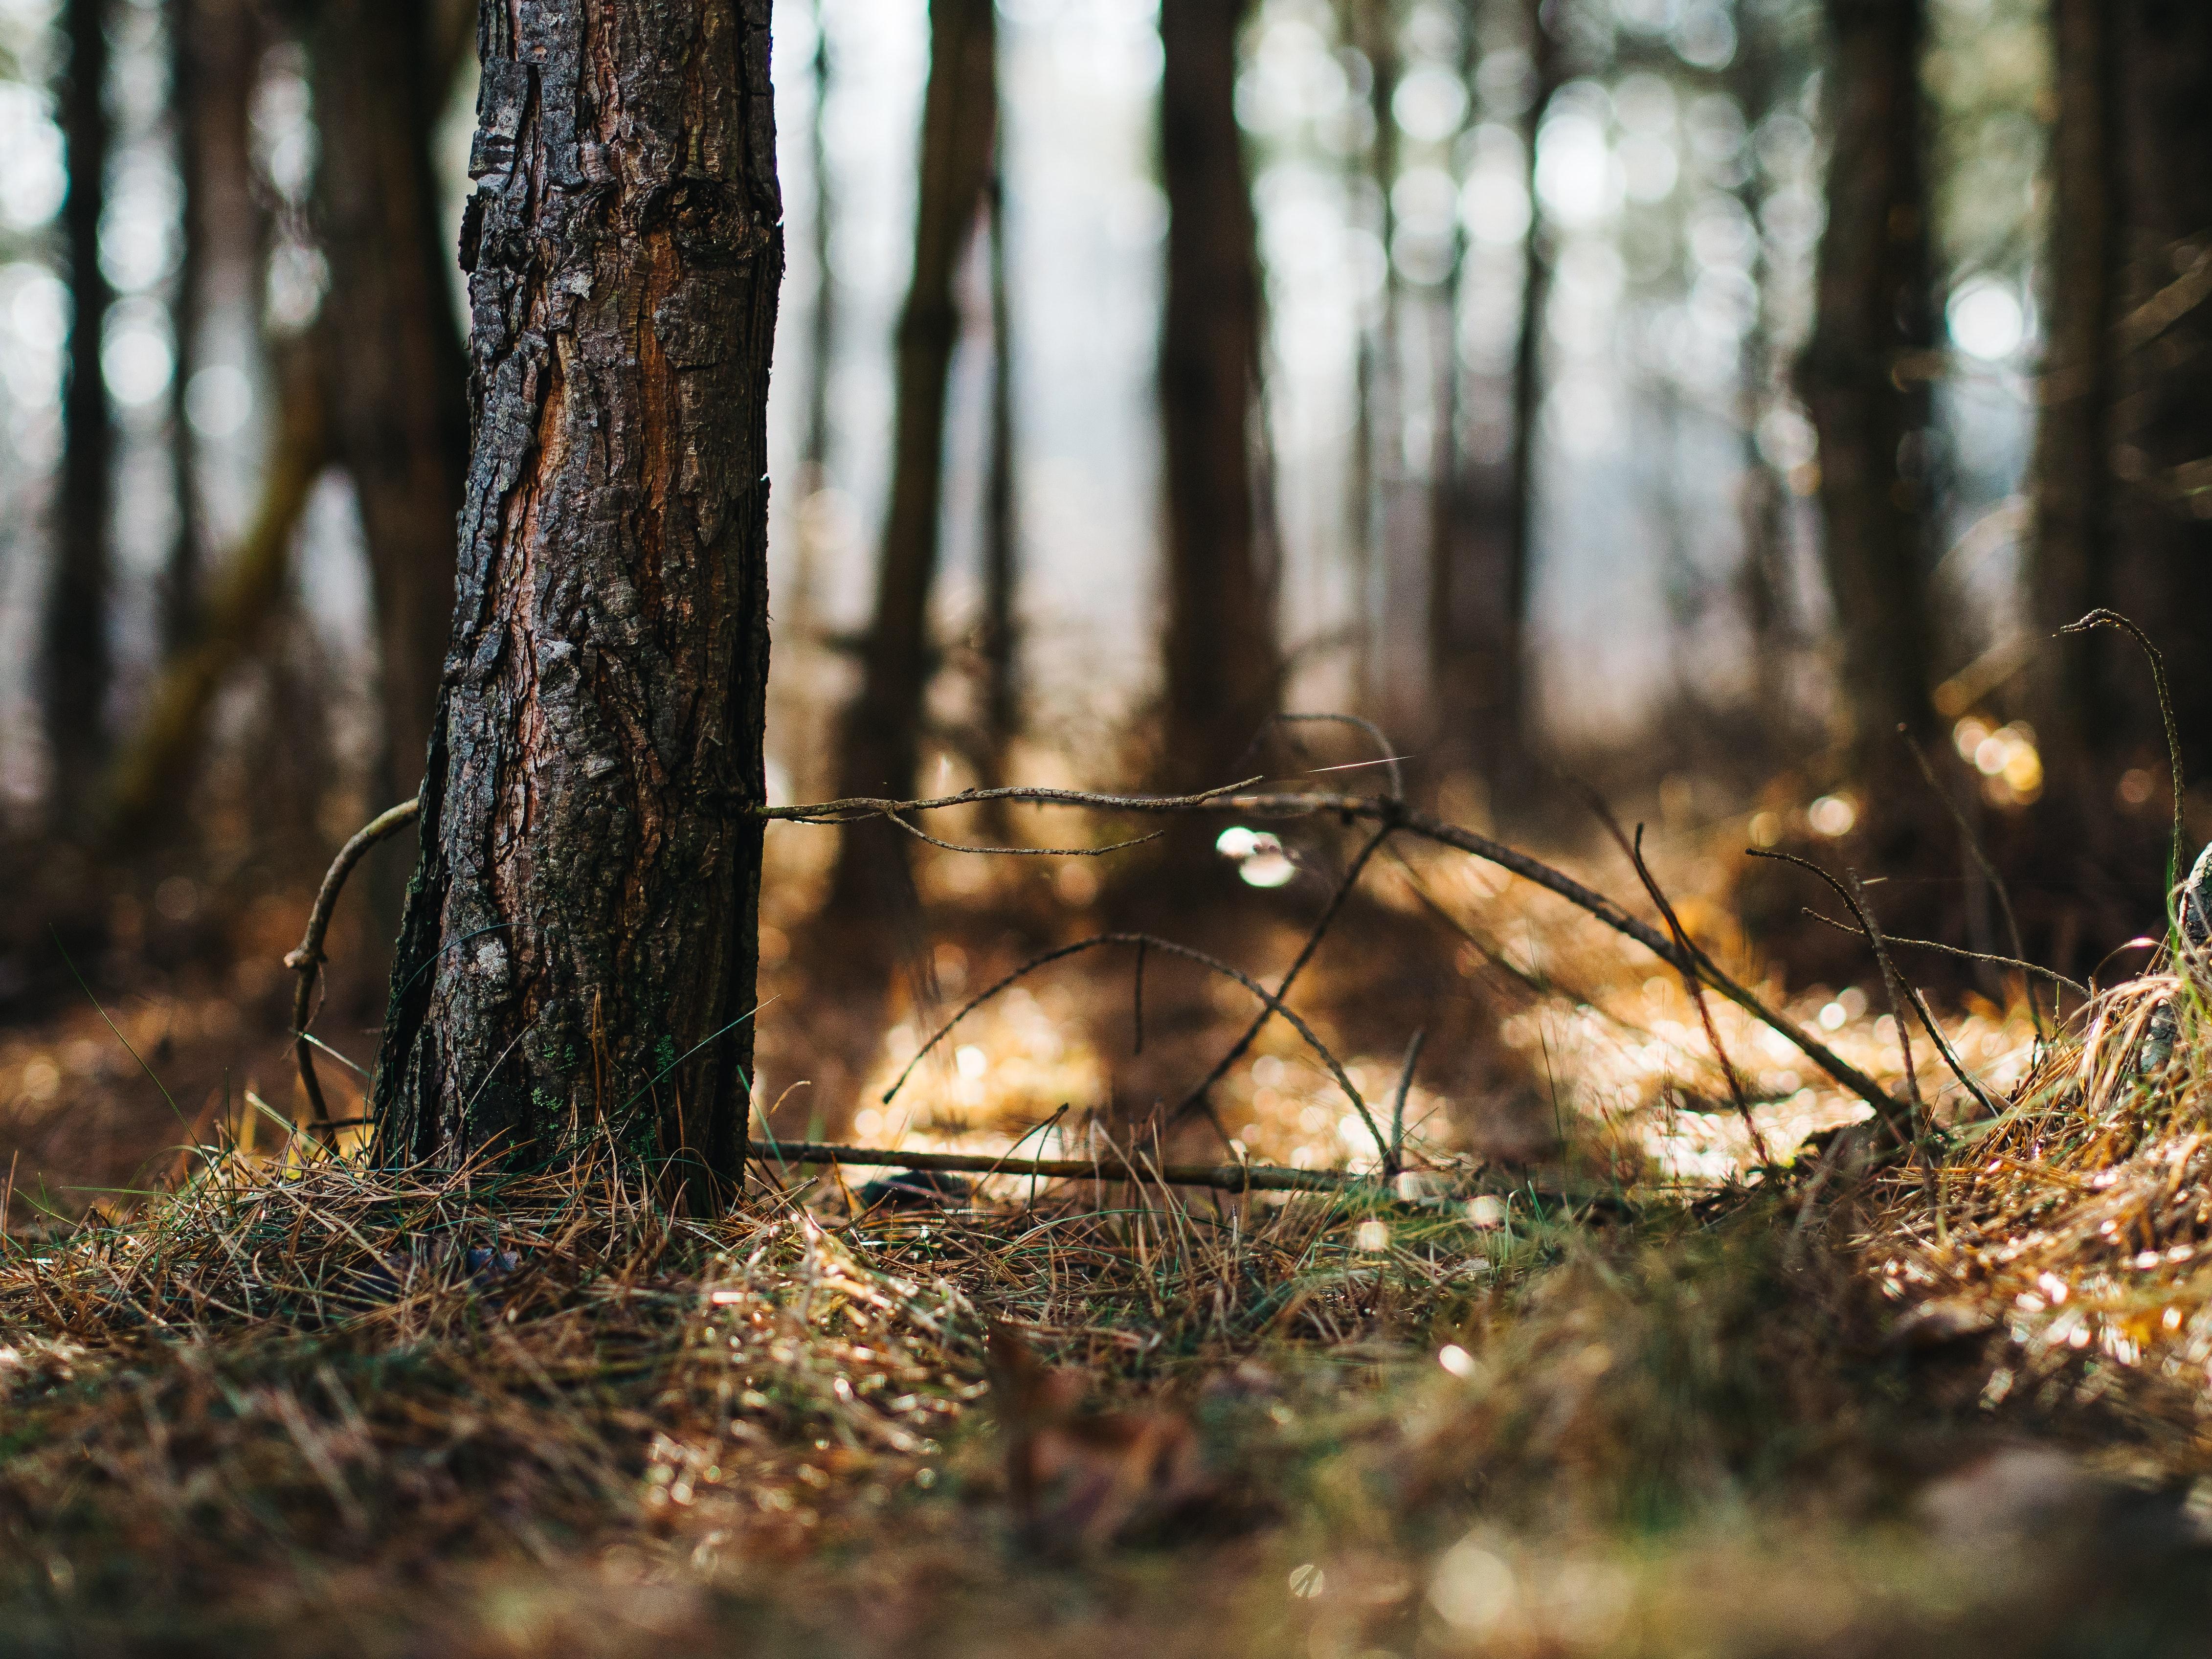 bokeh-forest-grass-8745